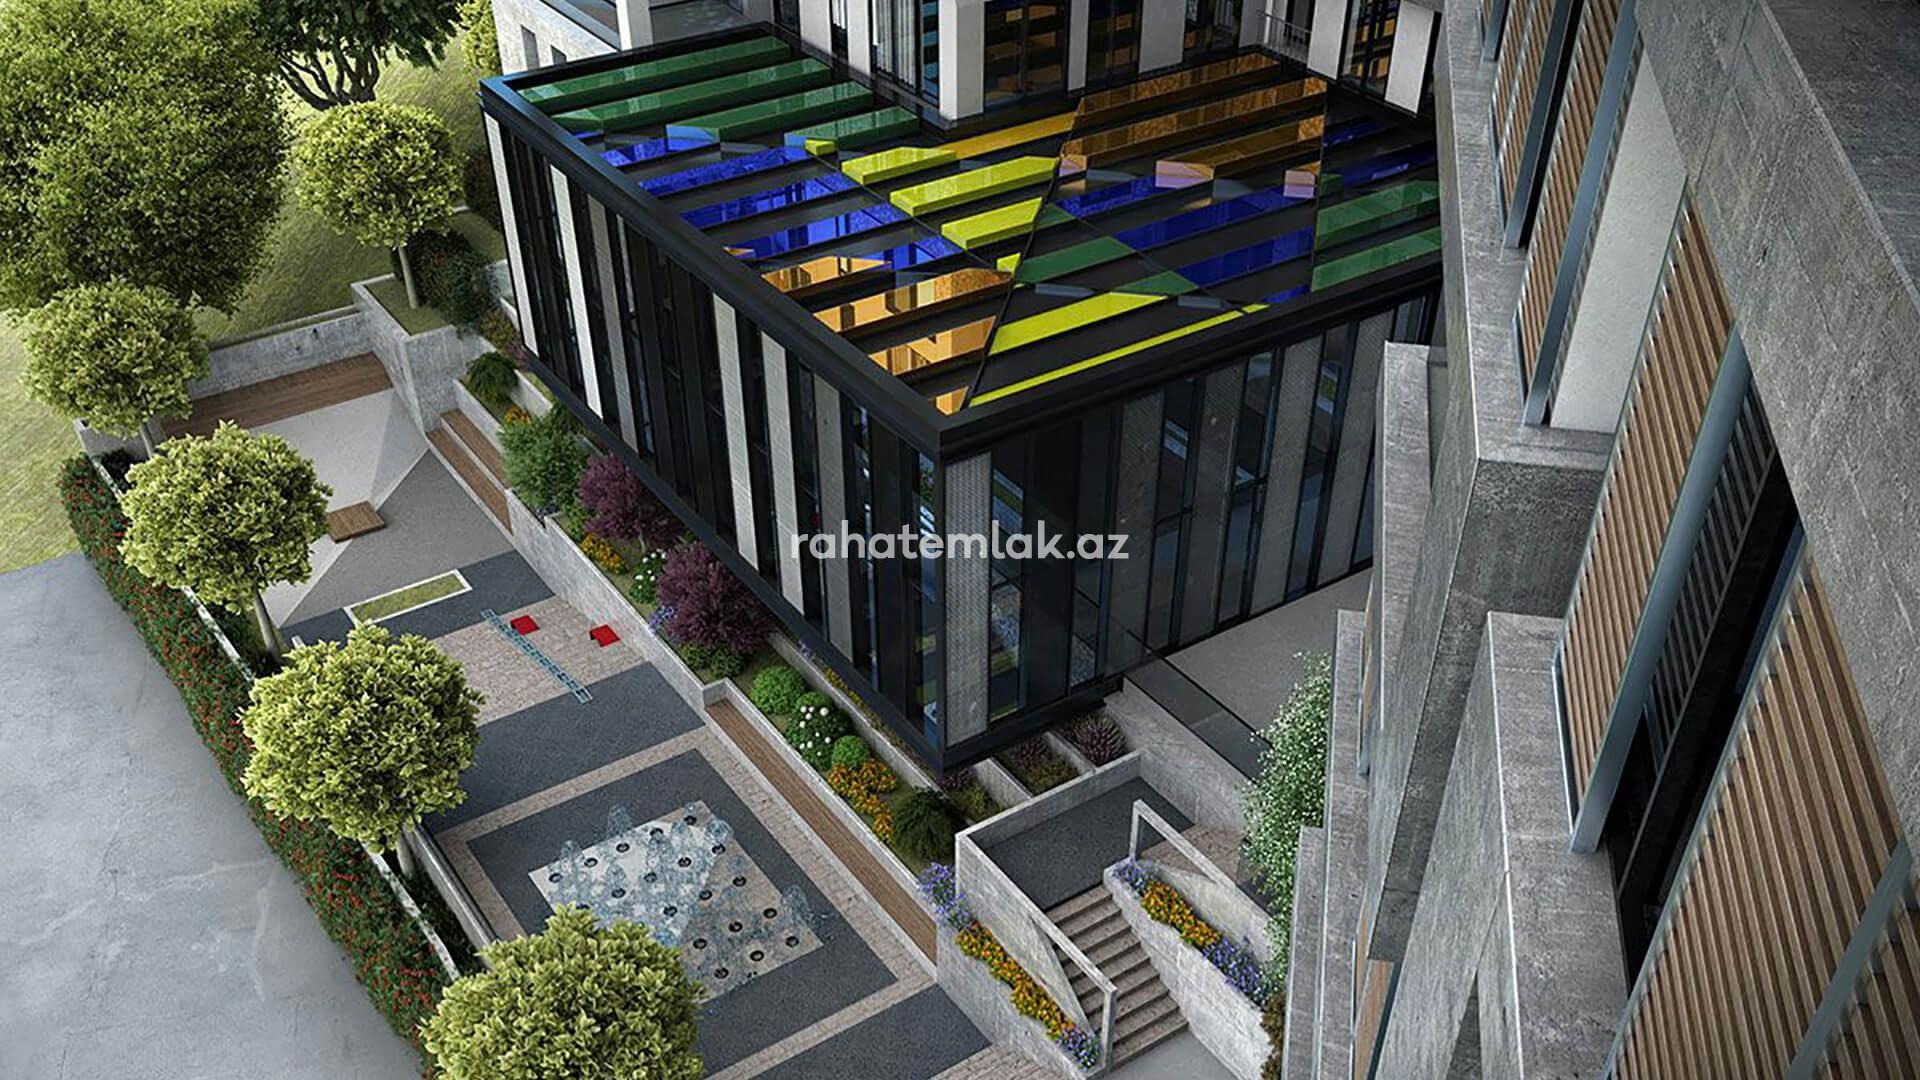 Biznes mərkəzindən cəmi 10 dəqiqəlik məsafədə yerləşən satış öncəsi investisiya qoya biləcəyiniz yaşayış kompleksi